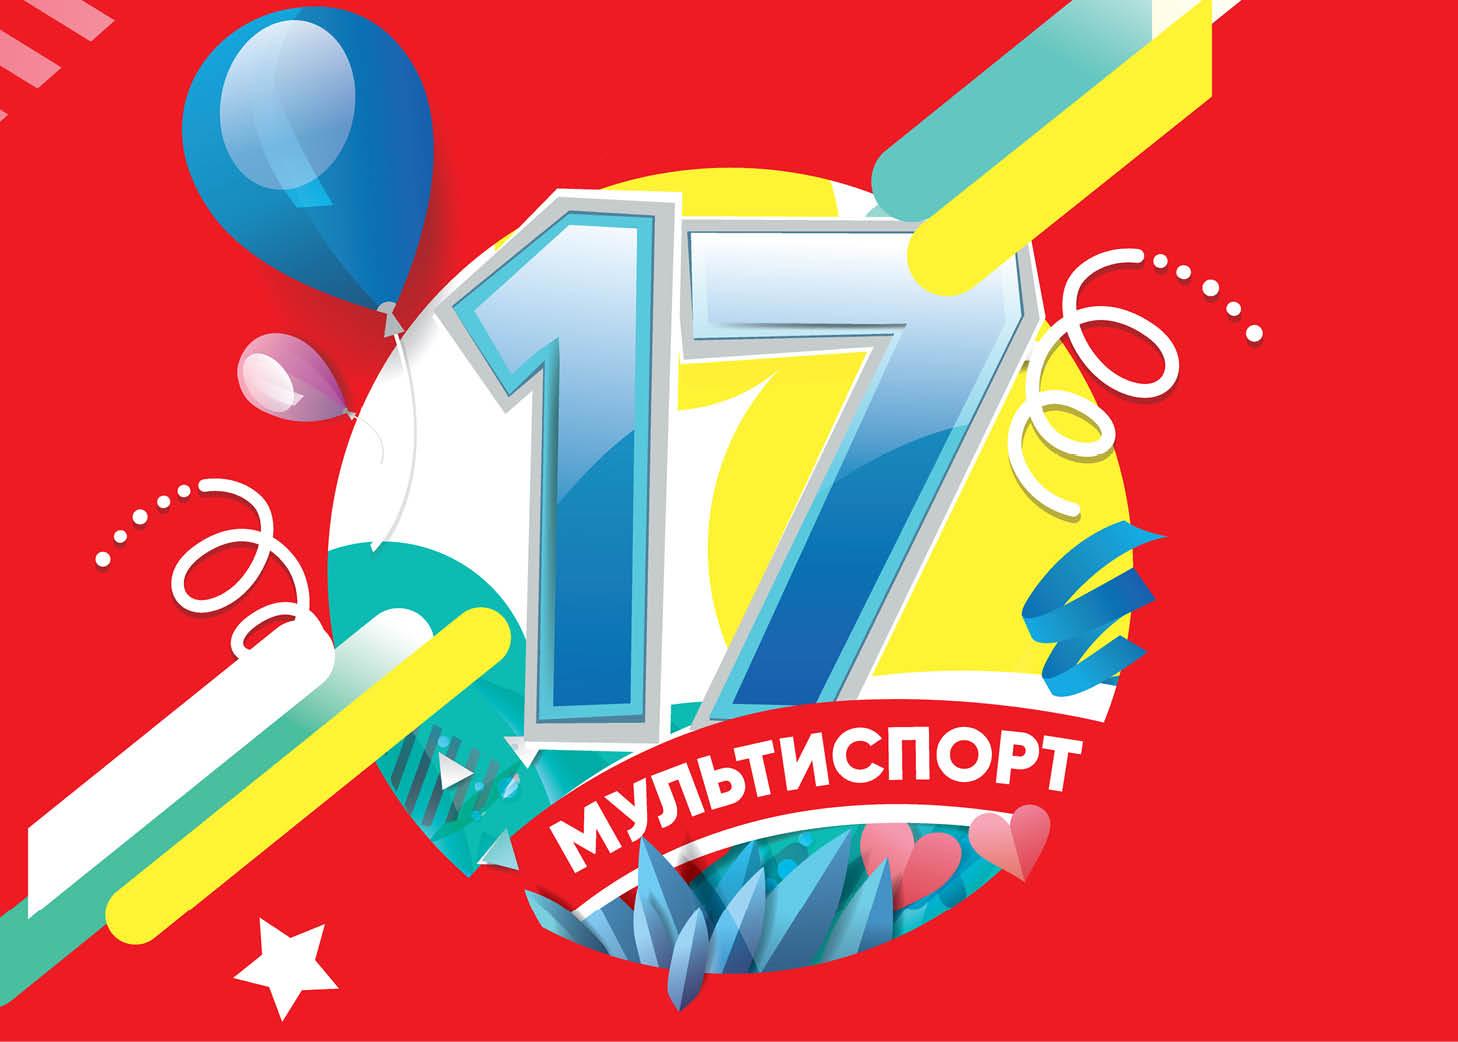 17 лет клубу! - изображение